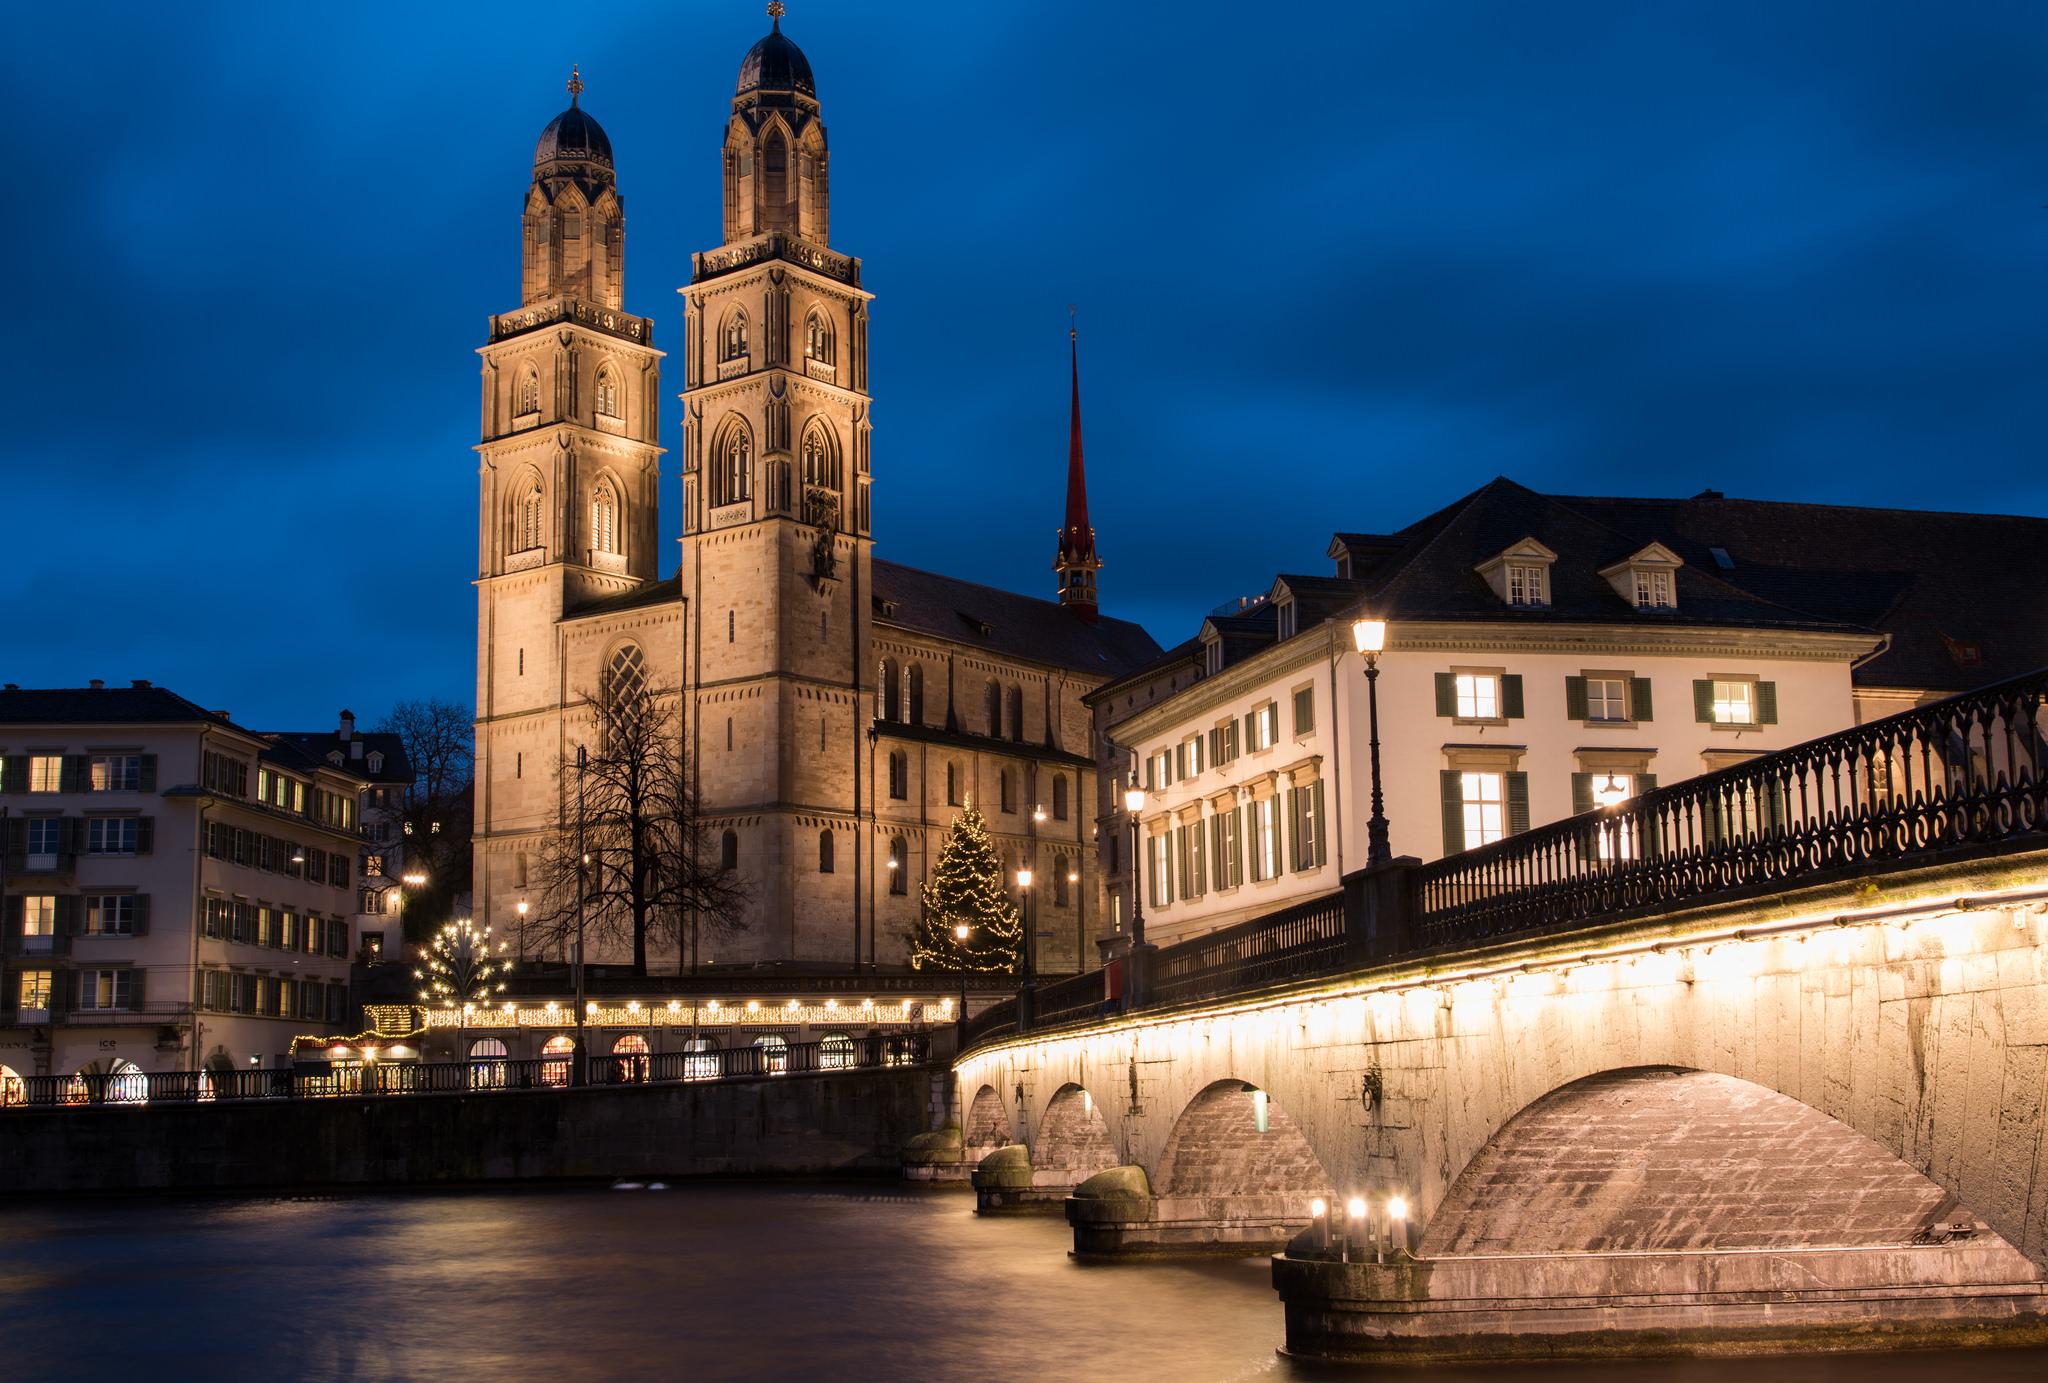 достопримечательности швейцария достопримечательности фото и названия город был дымком